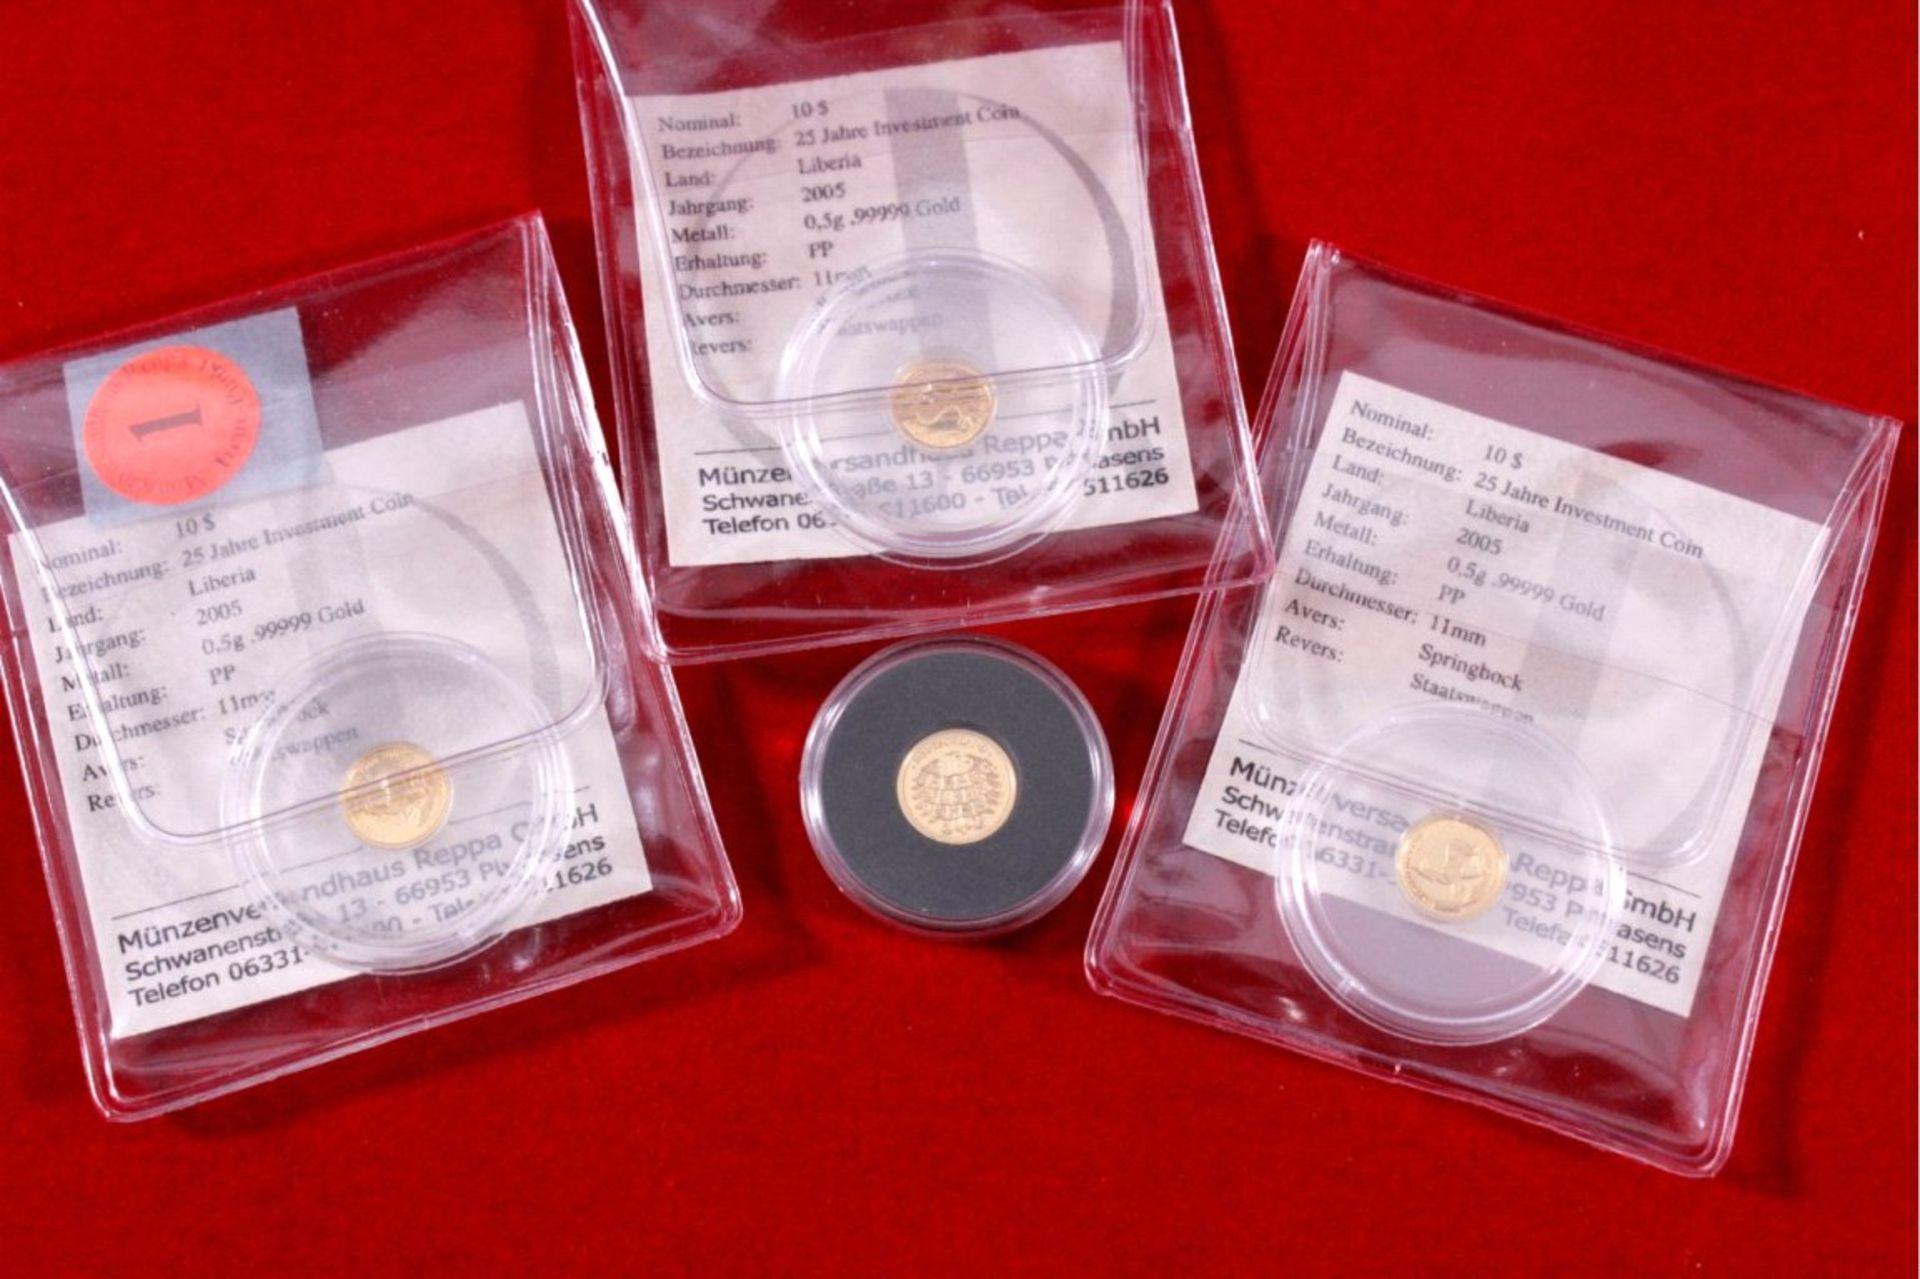 4x Die kleinen GoldraritätenInsgesamt 2 g Feingold, 3x 25 Jahre Investment Coin mitZertifikat und - Bild 2 aus 3